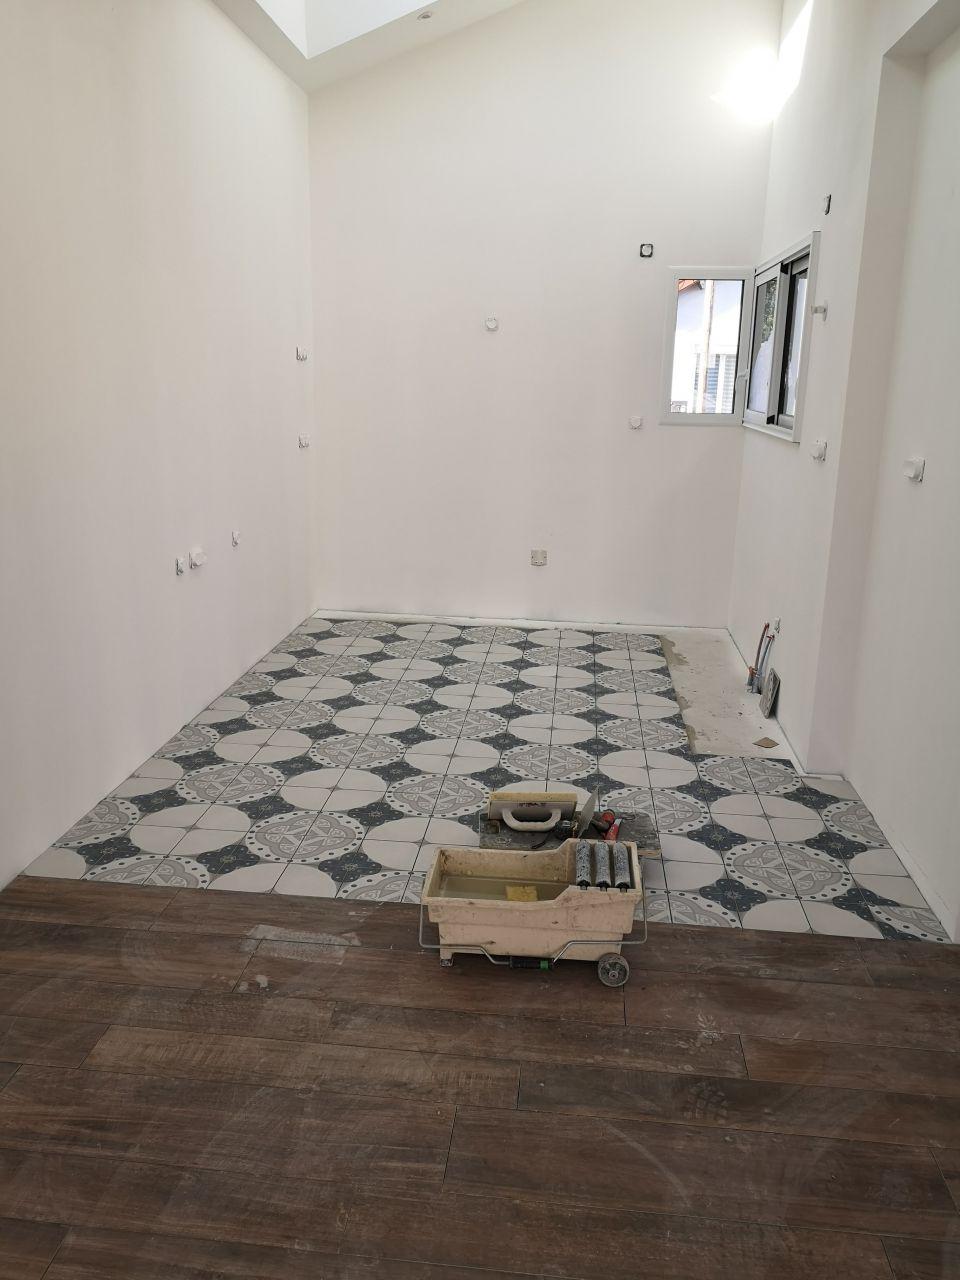 Pose du carrelage imitation carreaux de ciment dans la cuisine